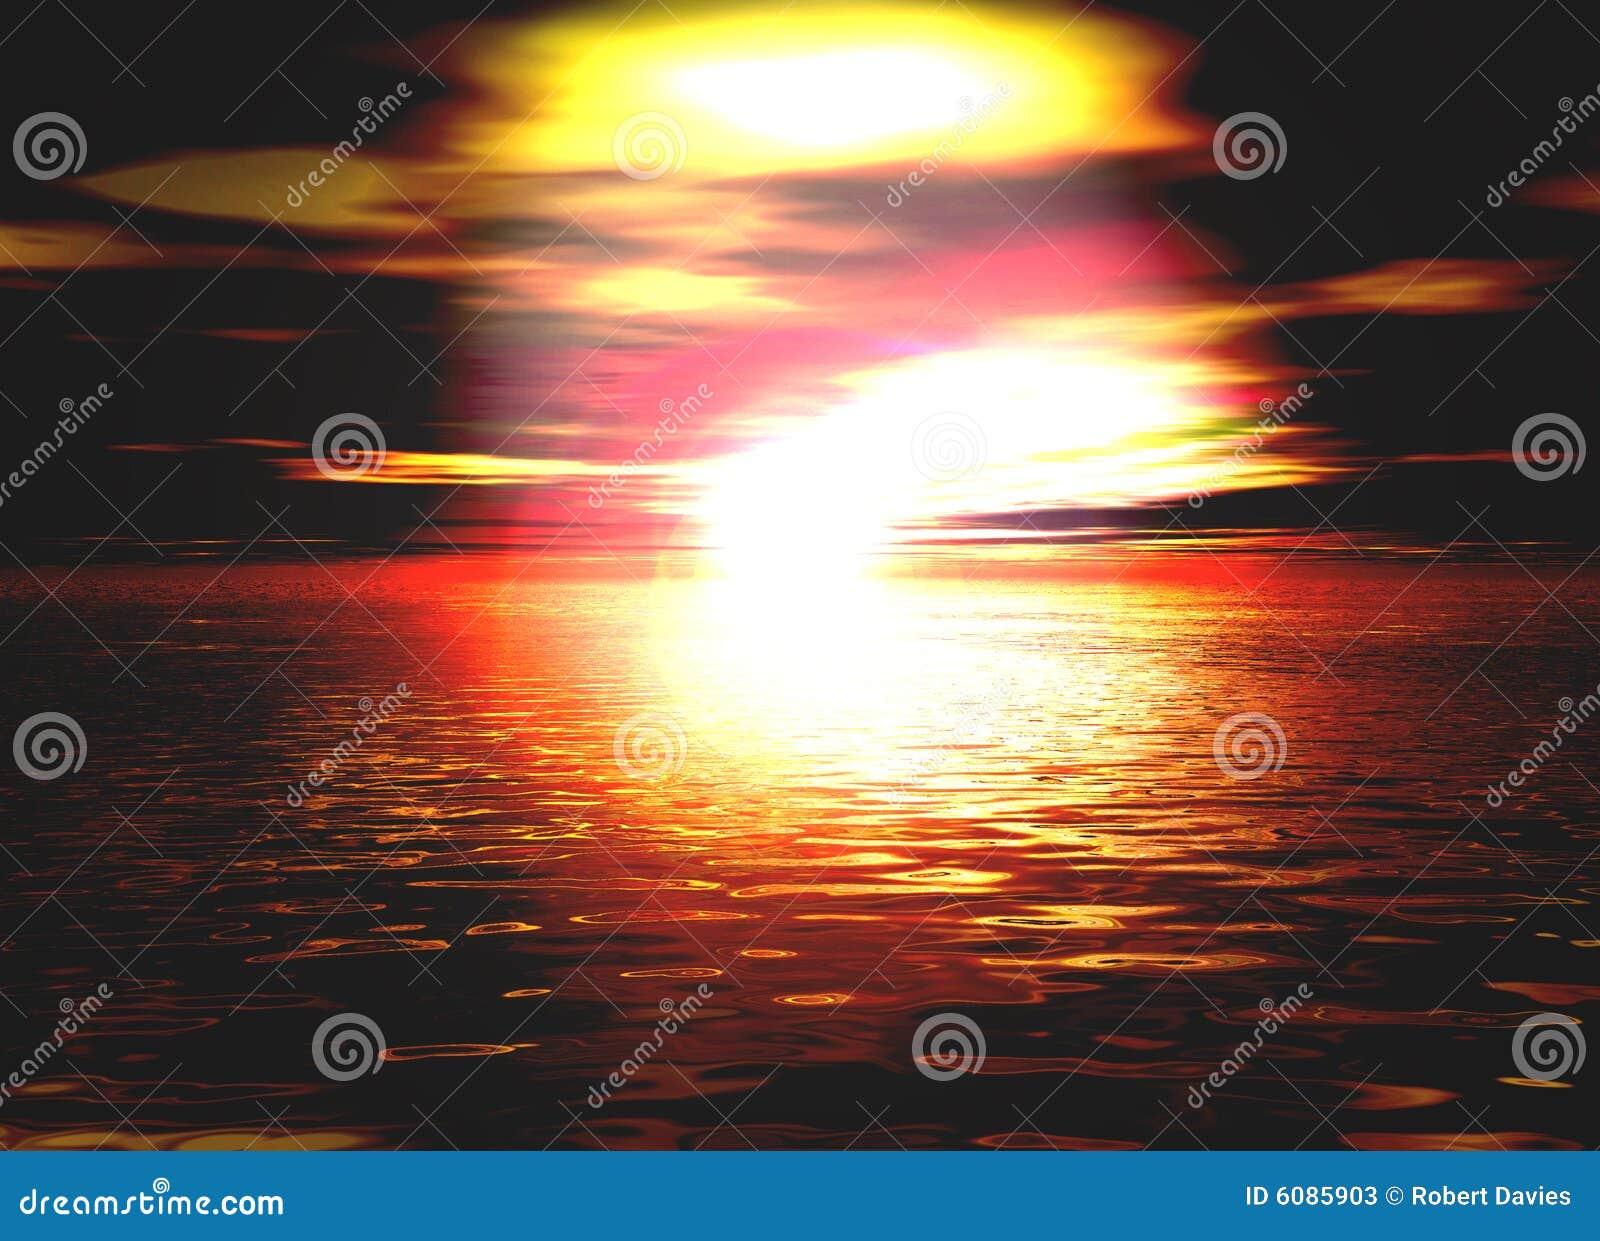 Beau lever de soleil orange et rouge romantique de coucher - Du lever du soleil jusqu a son coucher ...